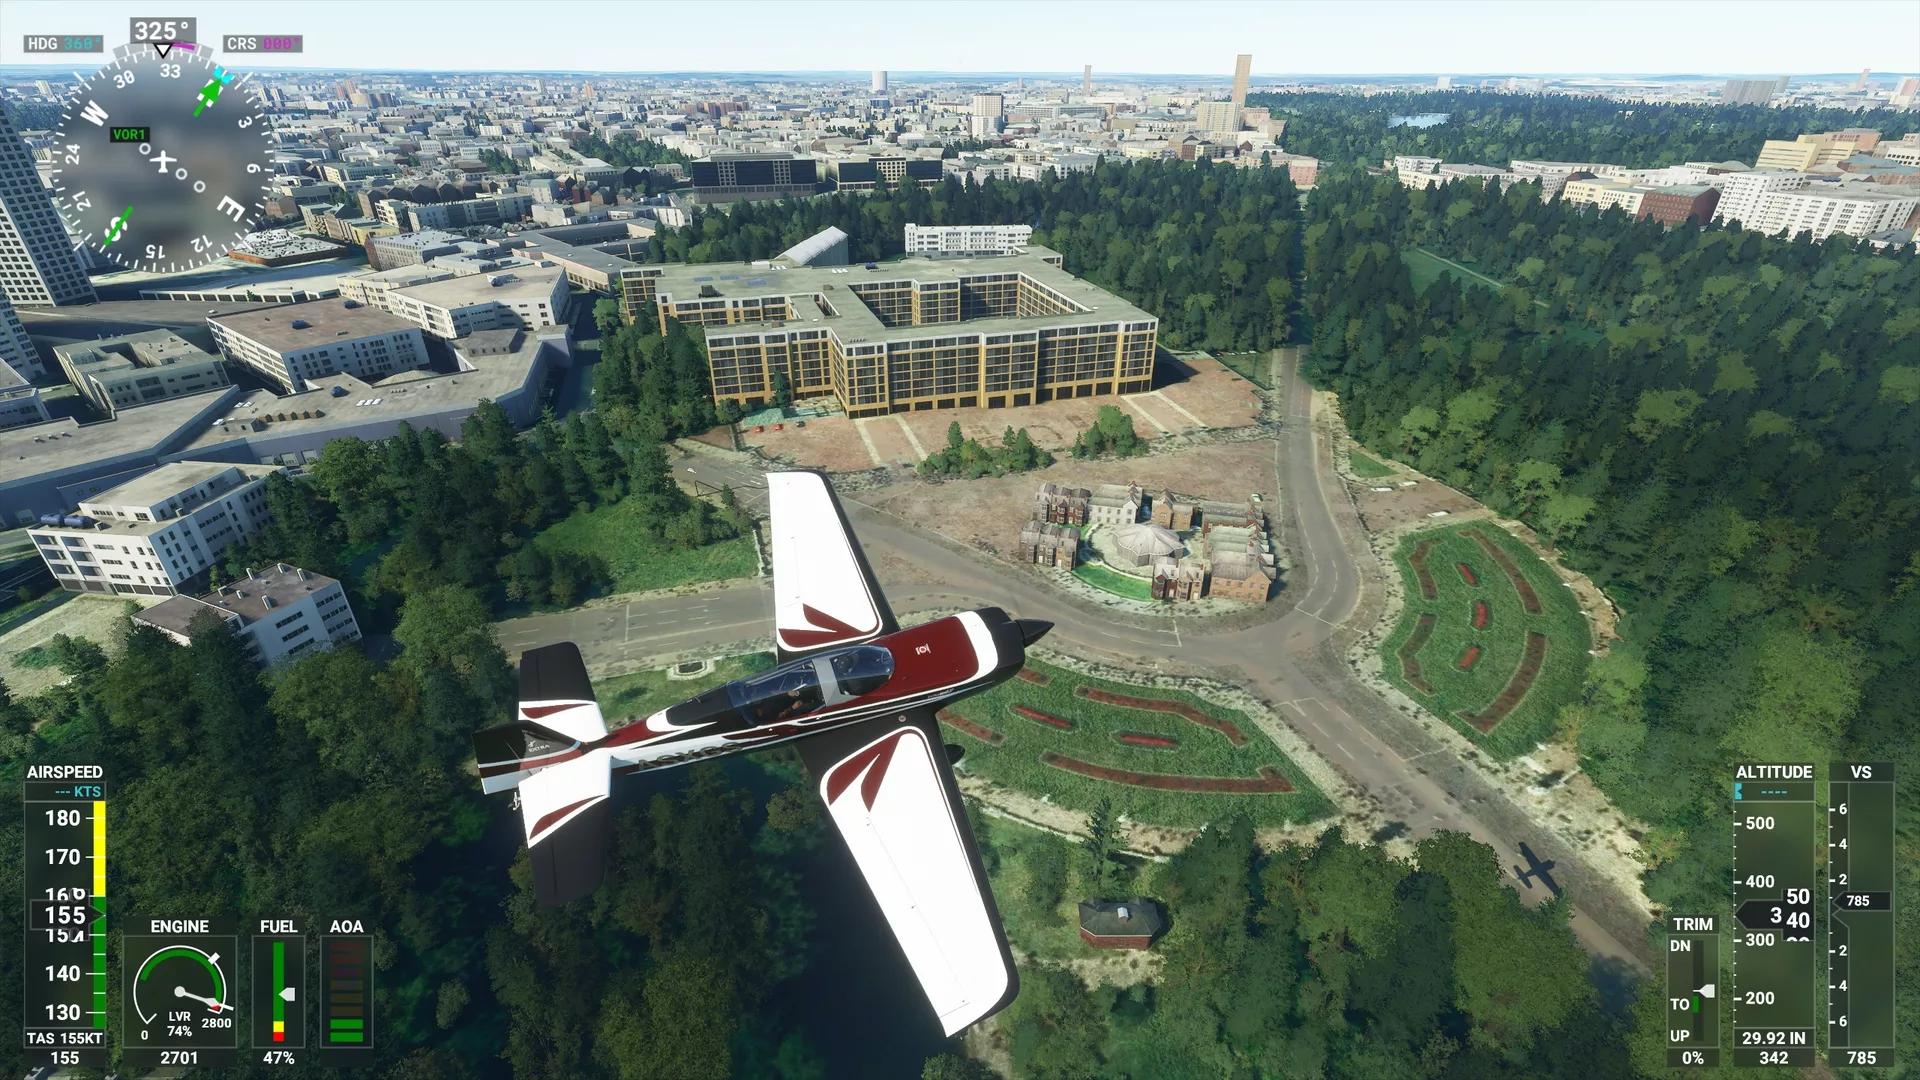 ארמון בקינגהם הפך לבנייני משרדים בסימולטור הטיסה של מיקרוסופט 2020